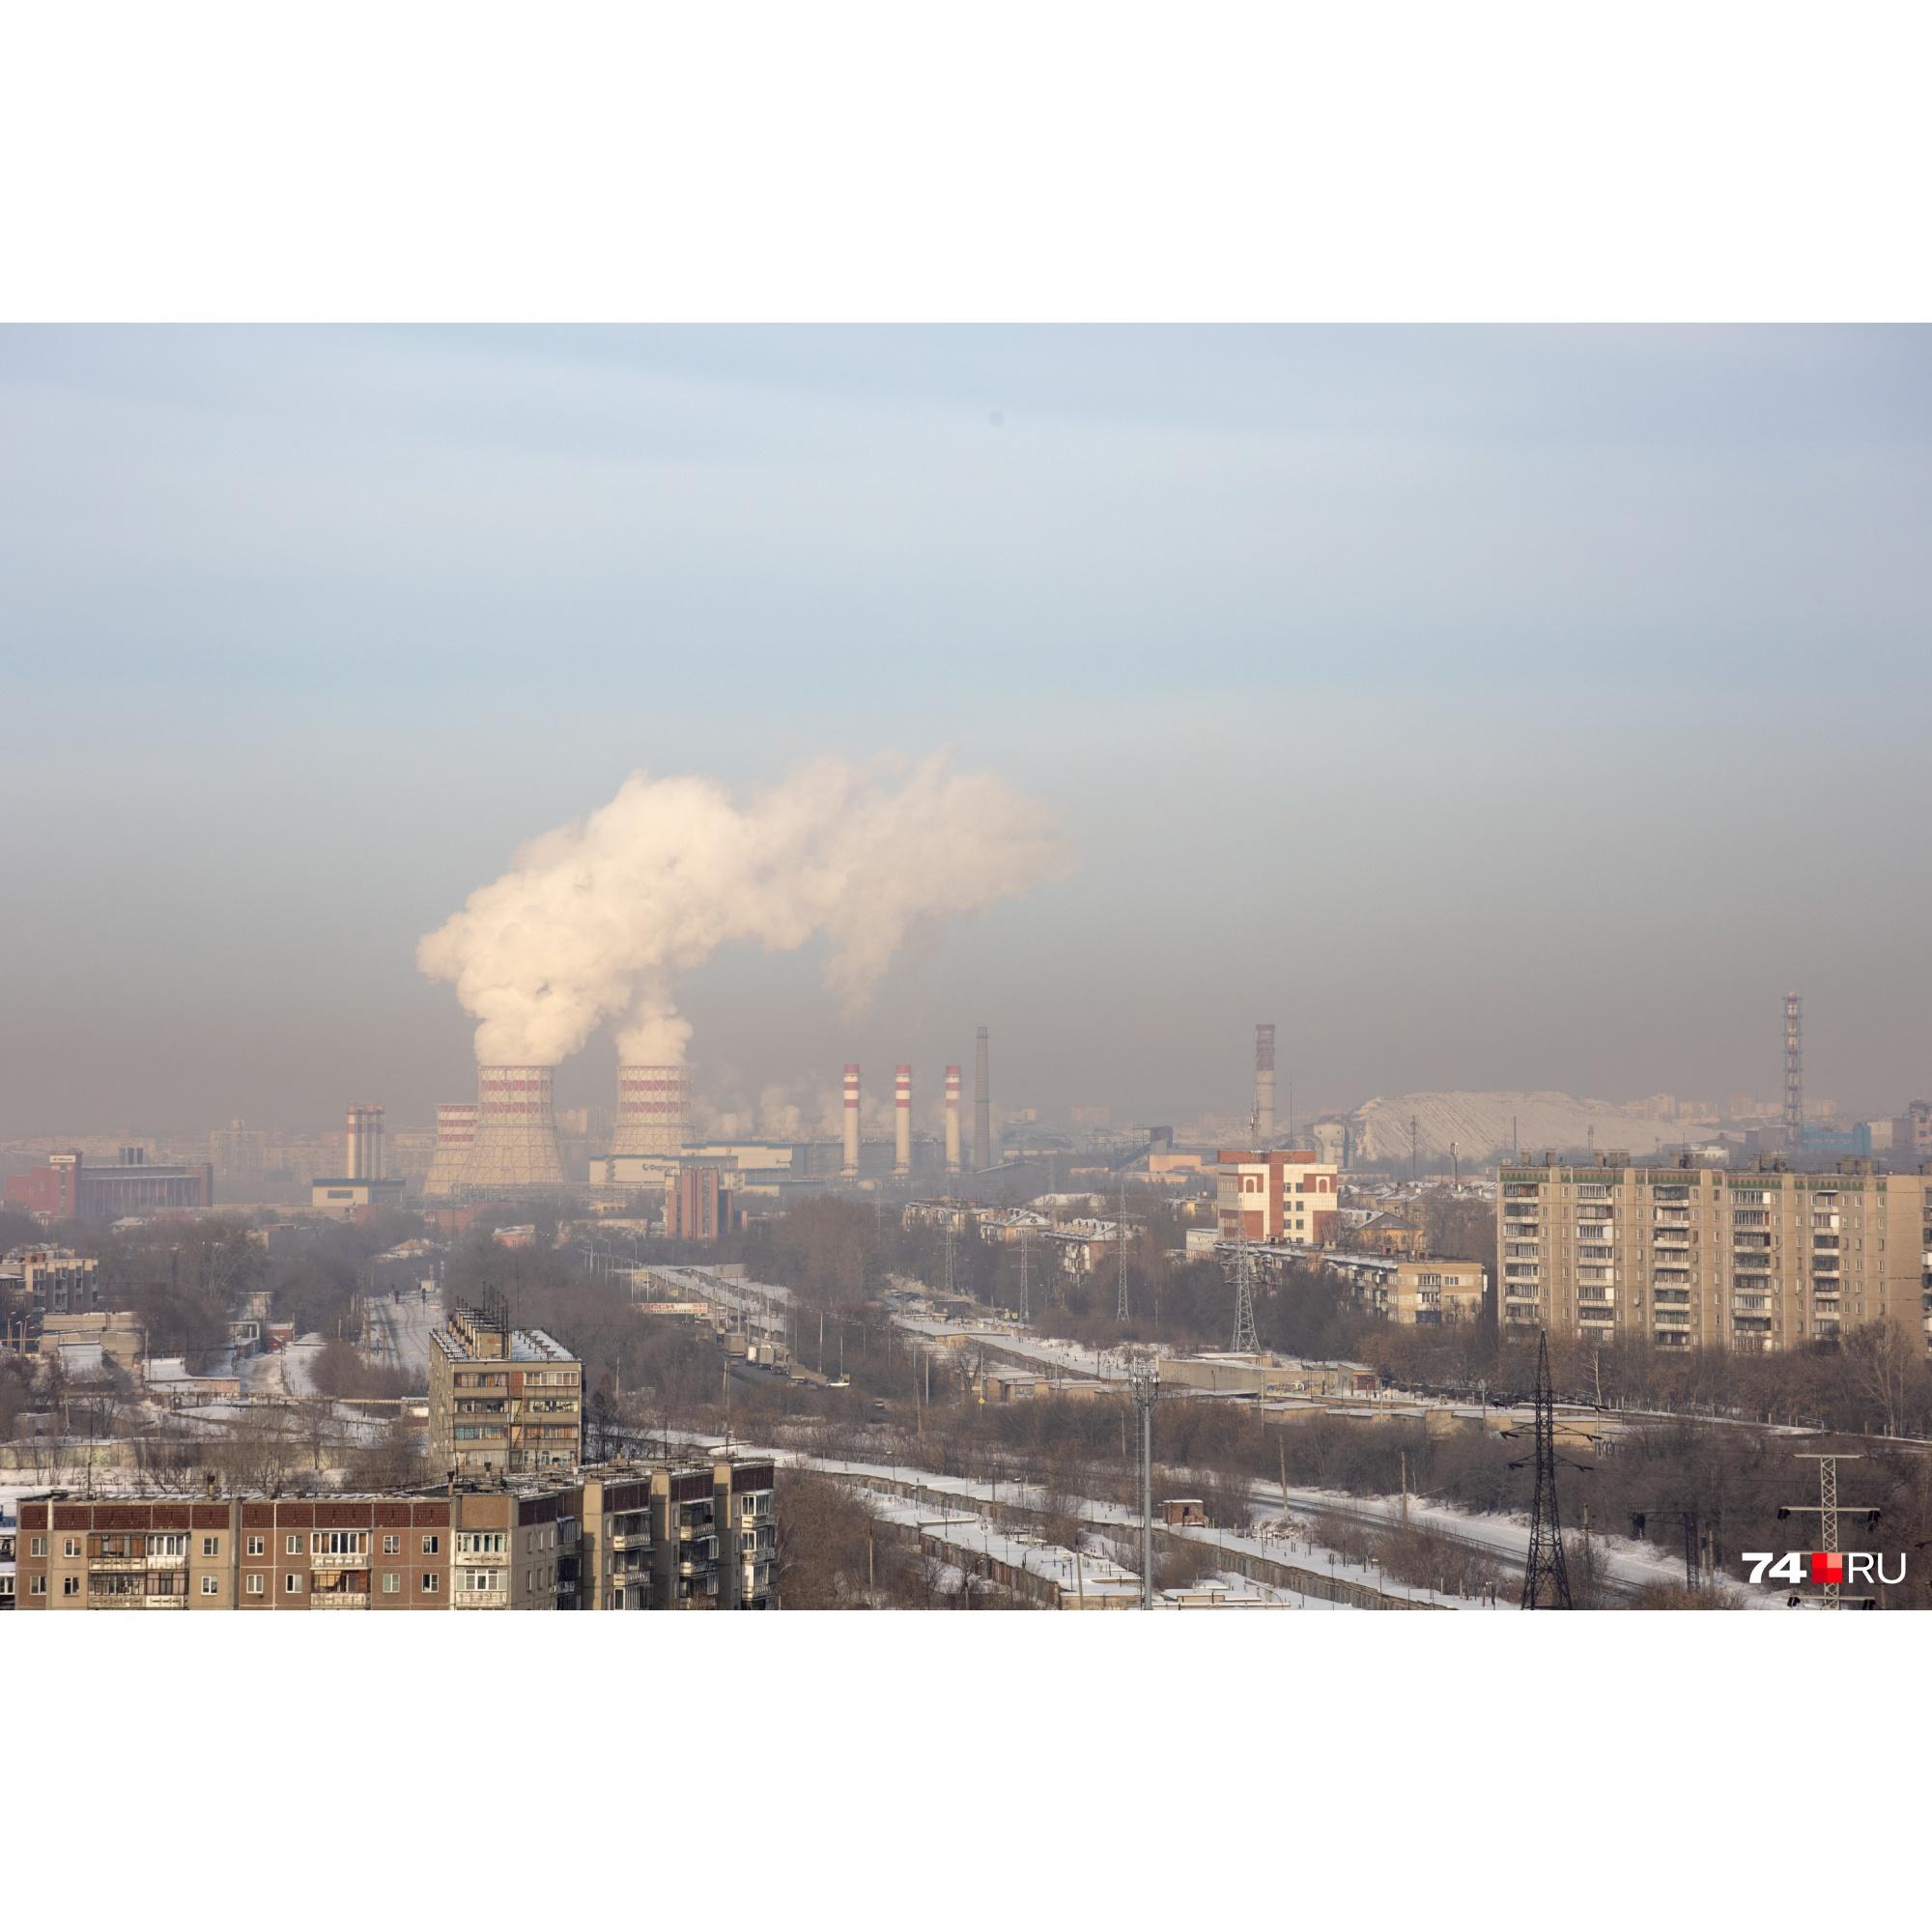 Роспотребнадзор признал Челябинск городом с наиболее грязным воздухом, и сегодняшний вид это наглядно иллюстрирует